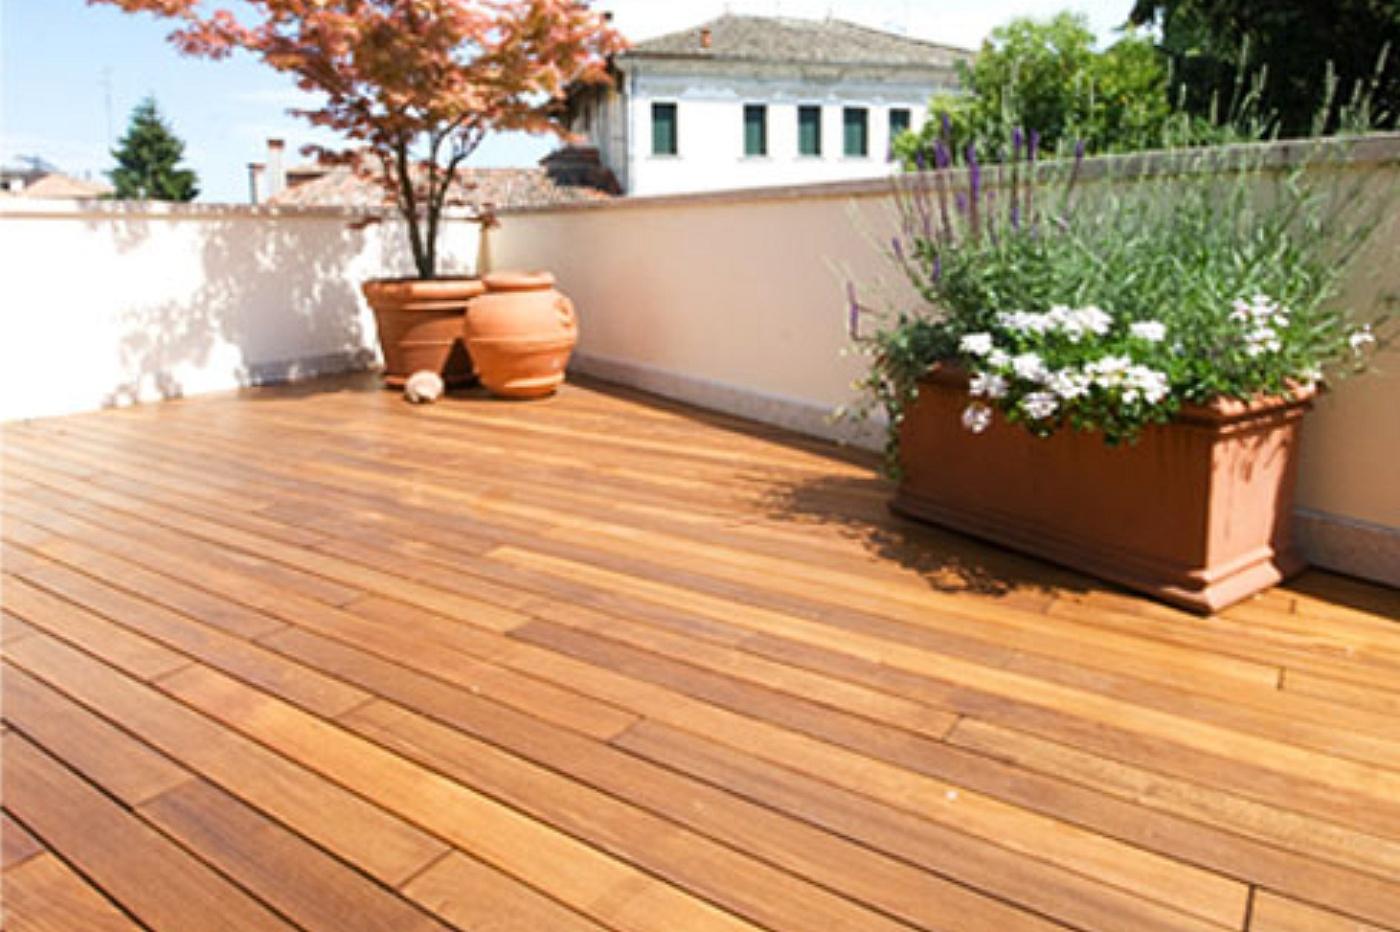 Parchettificio Garbelotto s.r.l. e Master Floor s.r.l. - Linea ...